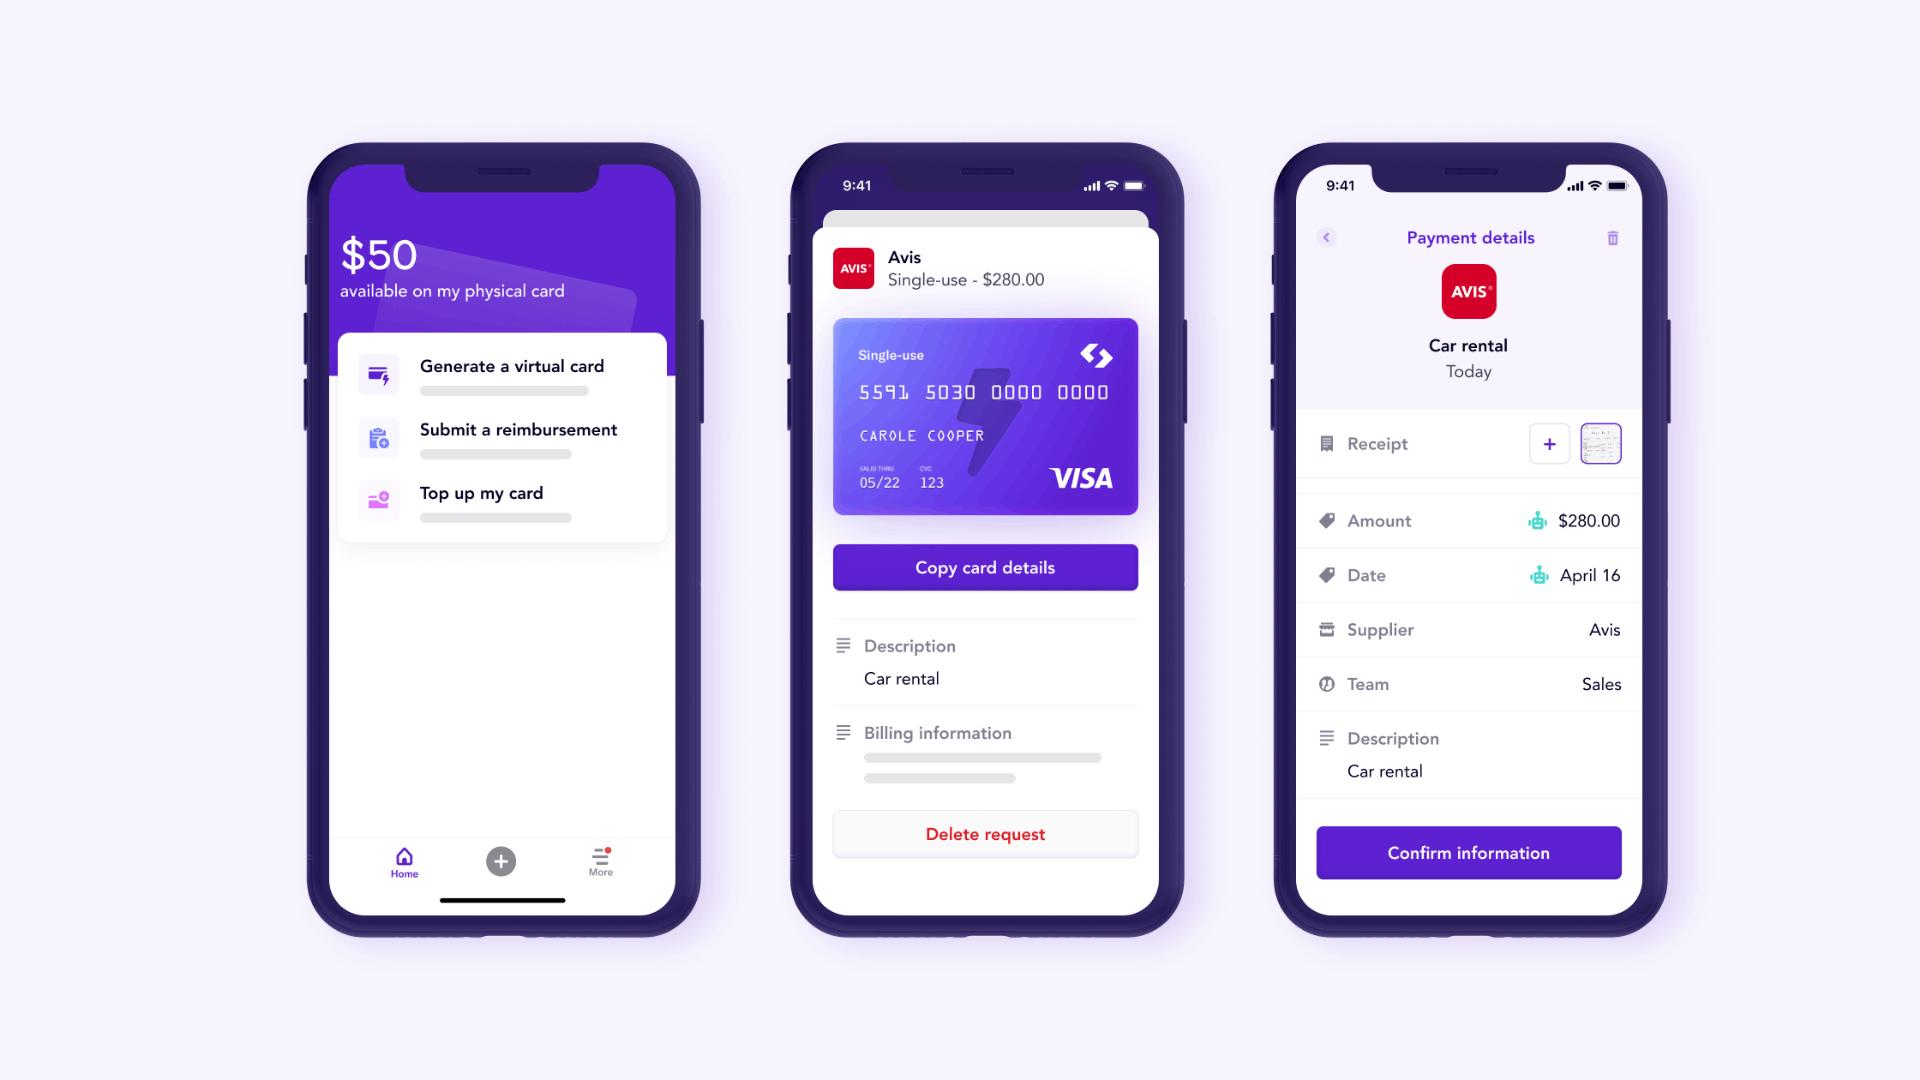 Alle Infos Zu den Virtuellen Kreditkarten von Spendesk Finden Sie Hier